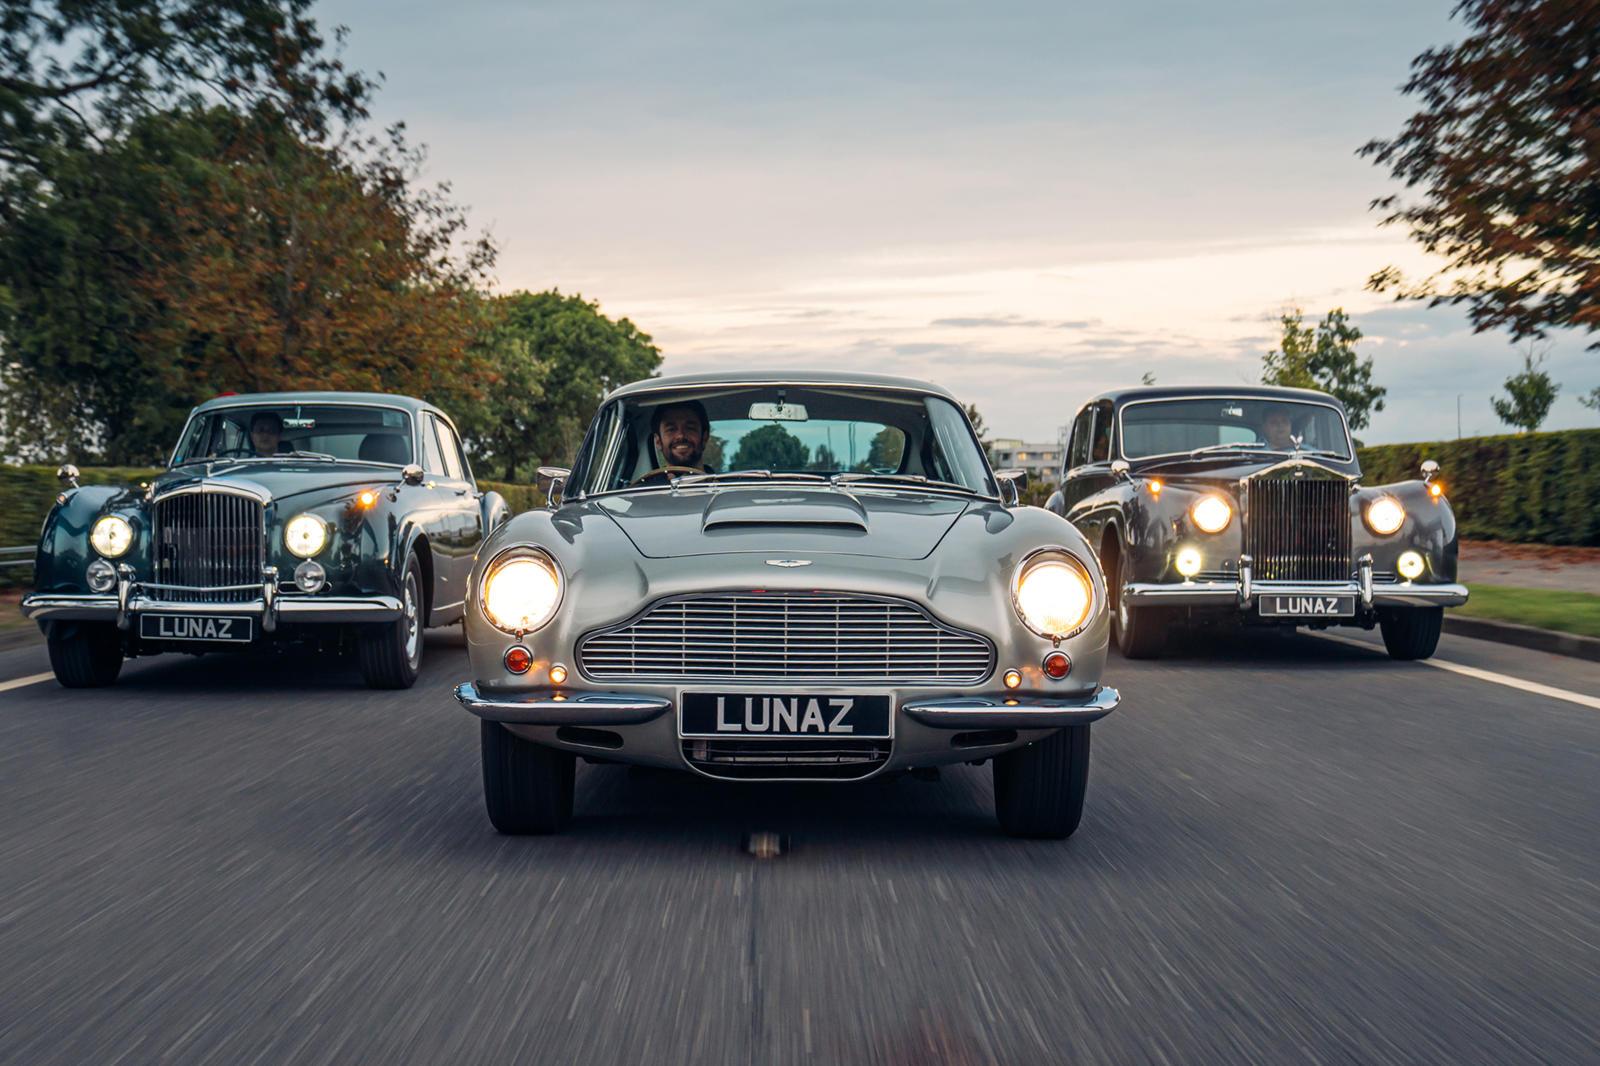 Lunaz Aston Martin DB6 (3).jpg